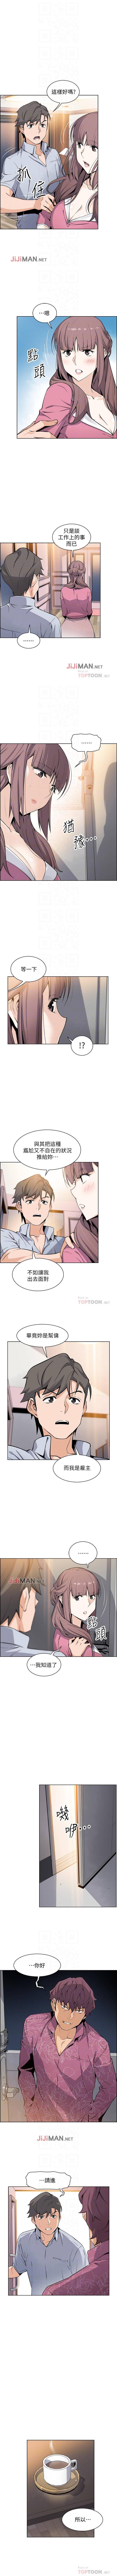 【周四连载】前女友变女佣(作者:PAPER&頸枕) 第1~33话 188